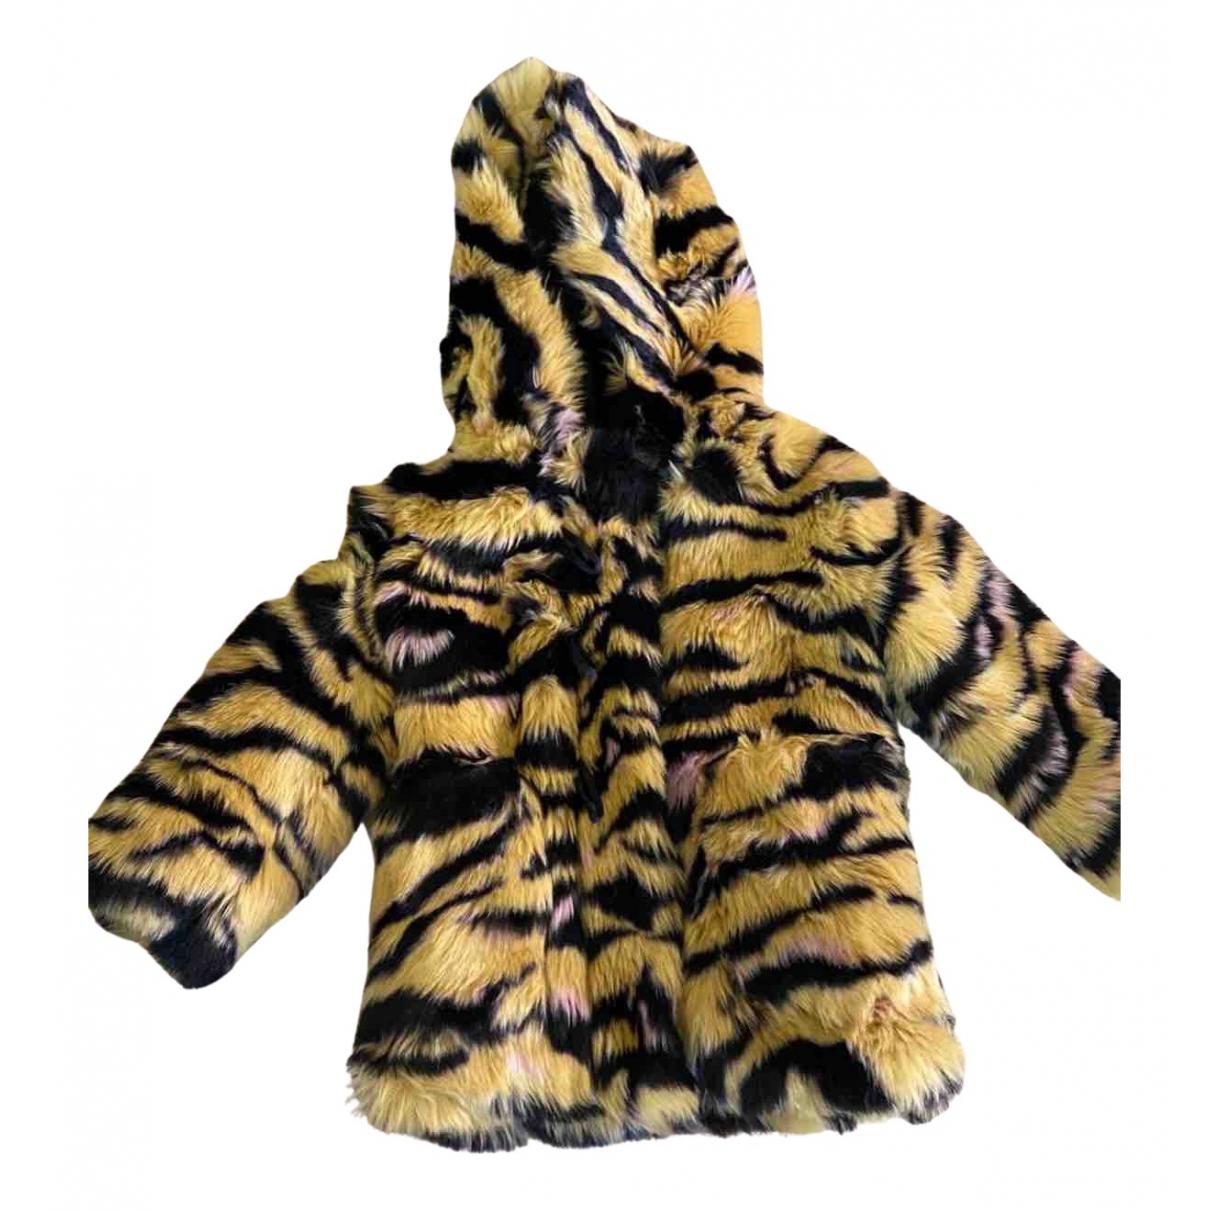 Kenzo - Blousons.Manteaux   pour enfant en fourrure synthetique - jaune